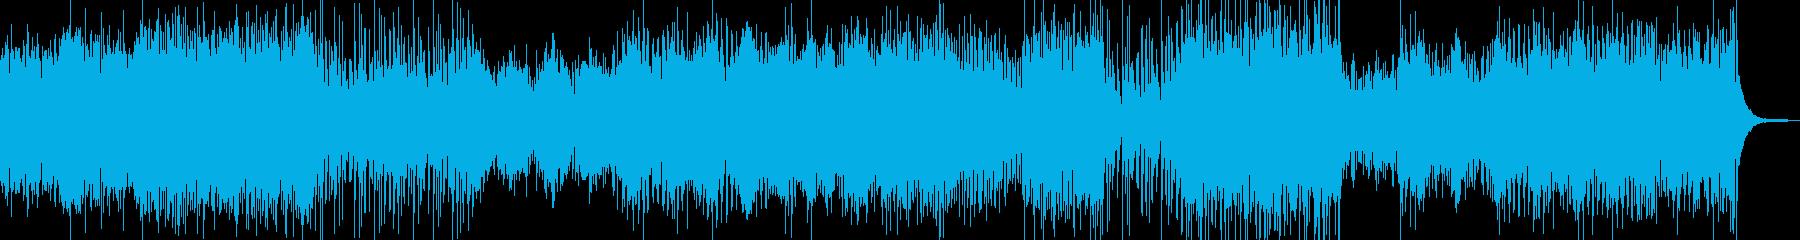 RPG・砂漠イメージのフィールBGM ★の再生済みの波形